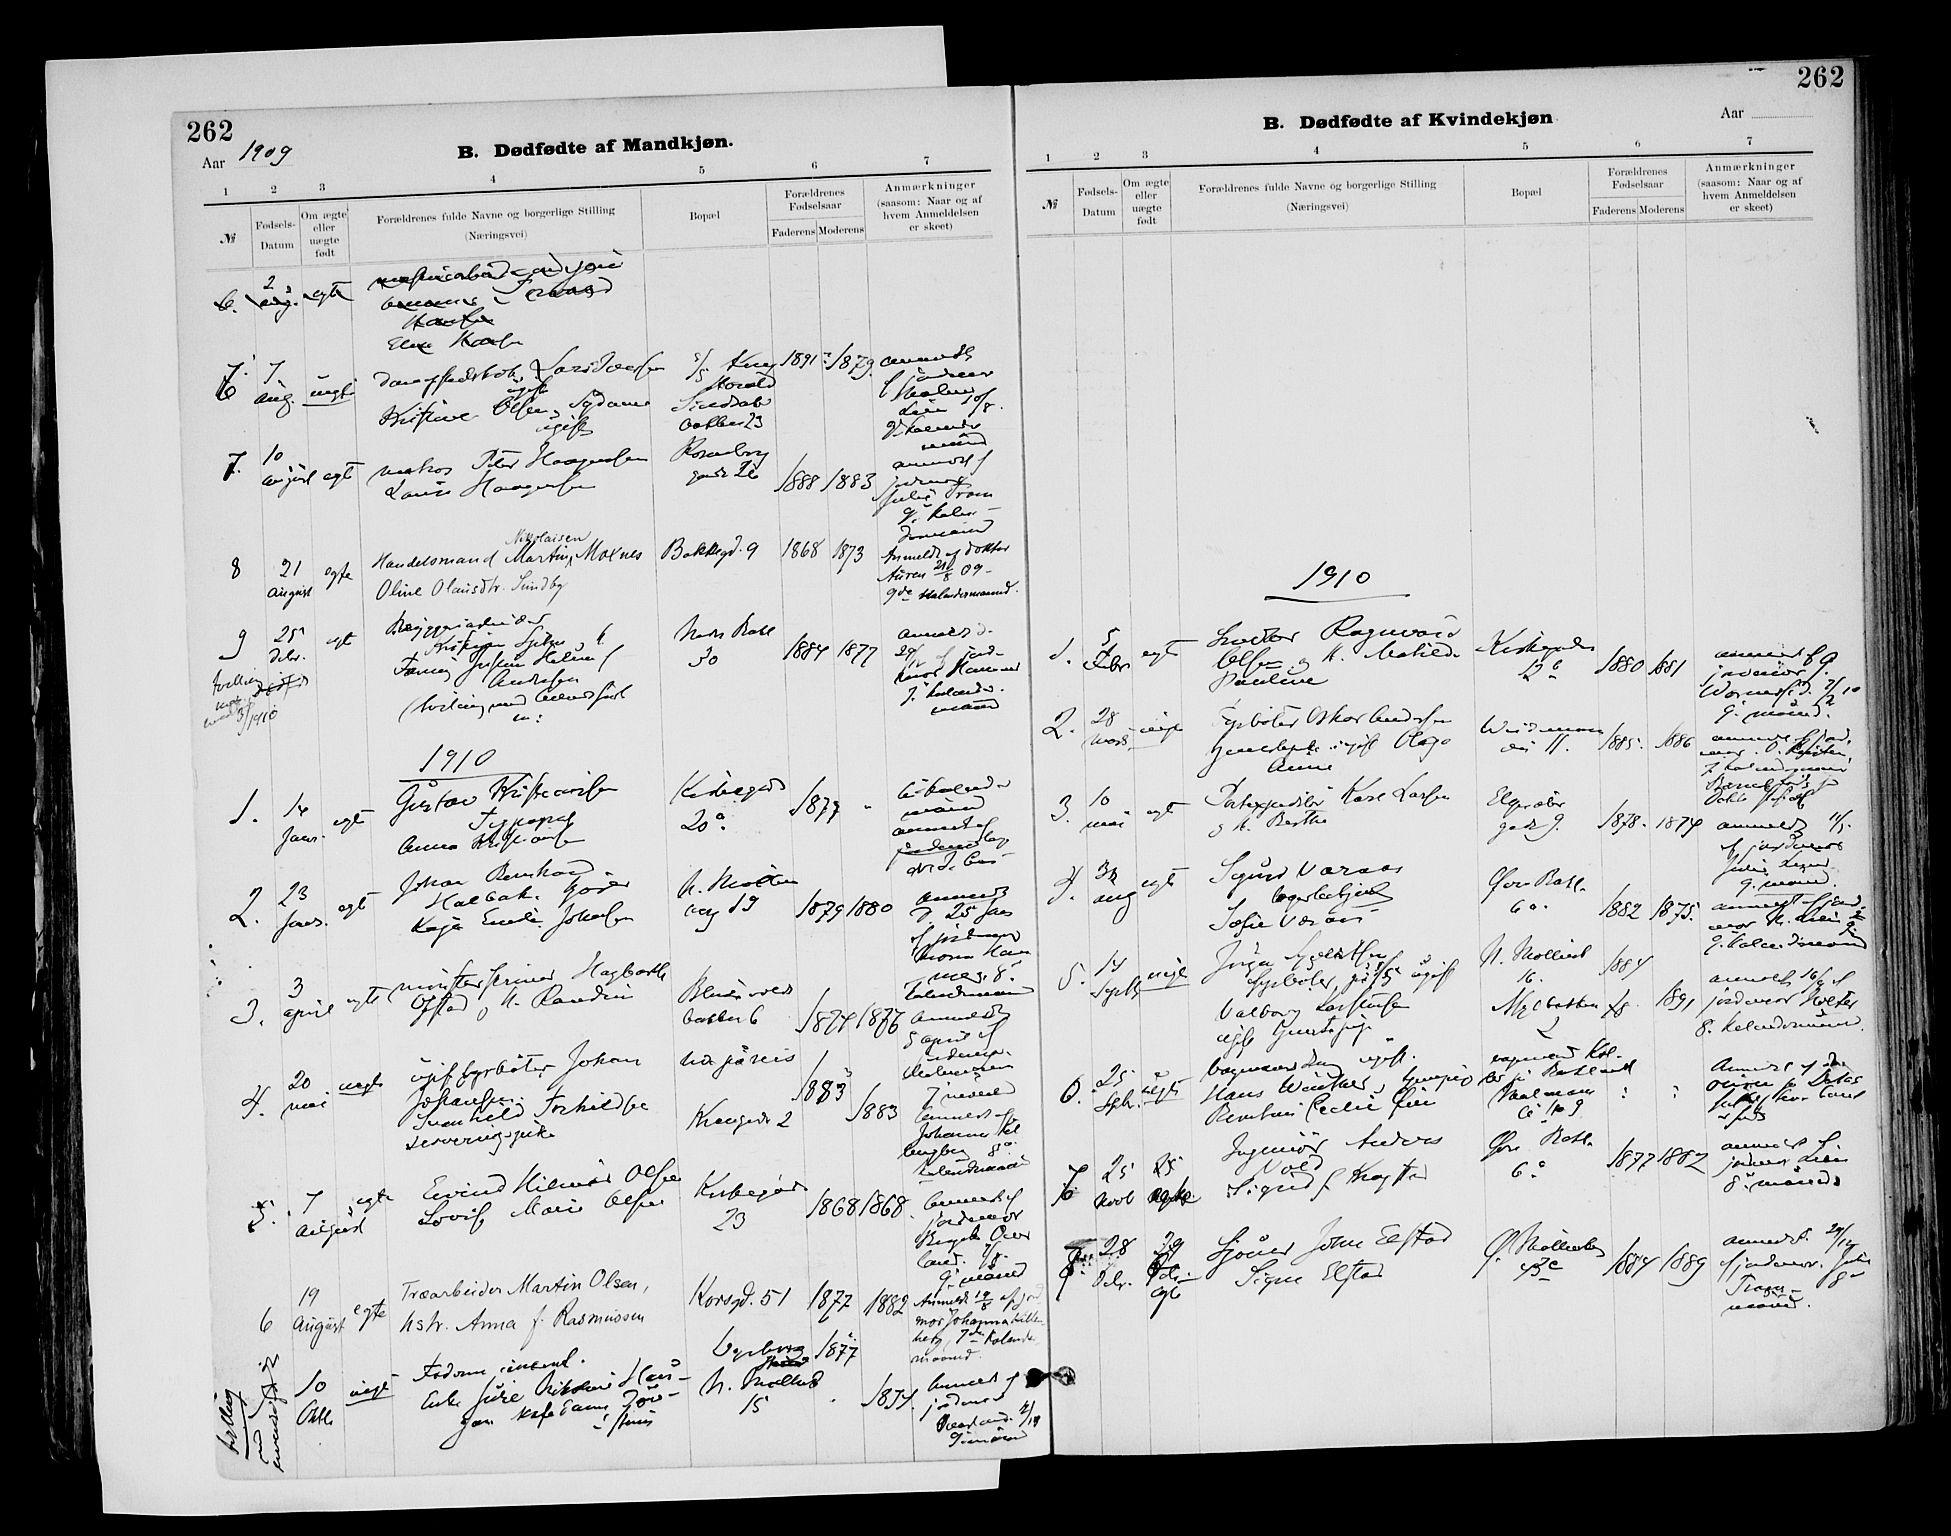 SAT, Ministerialprotokoller, klokkerbøker og fødselsregistre - Sør-Trøndelag, 604/L0203: Ministerialbok nr. 604A23, 1908-1916, s. 262